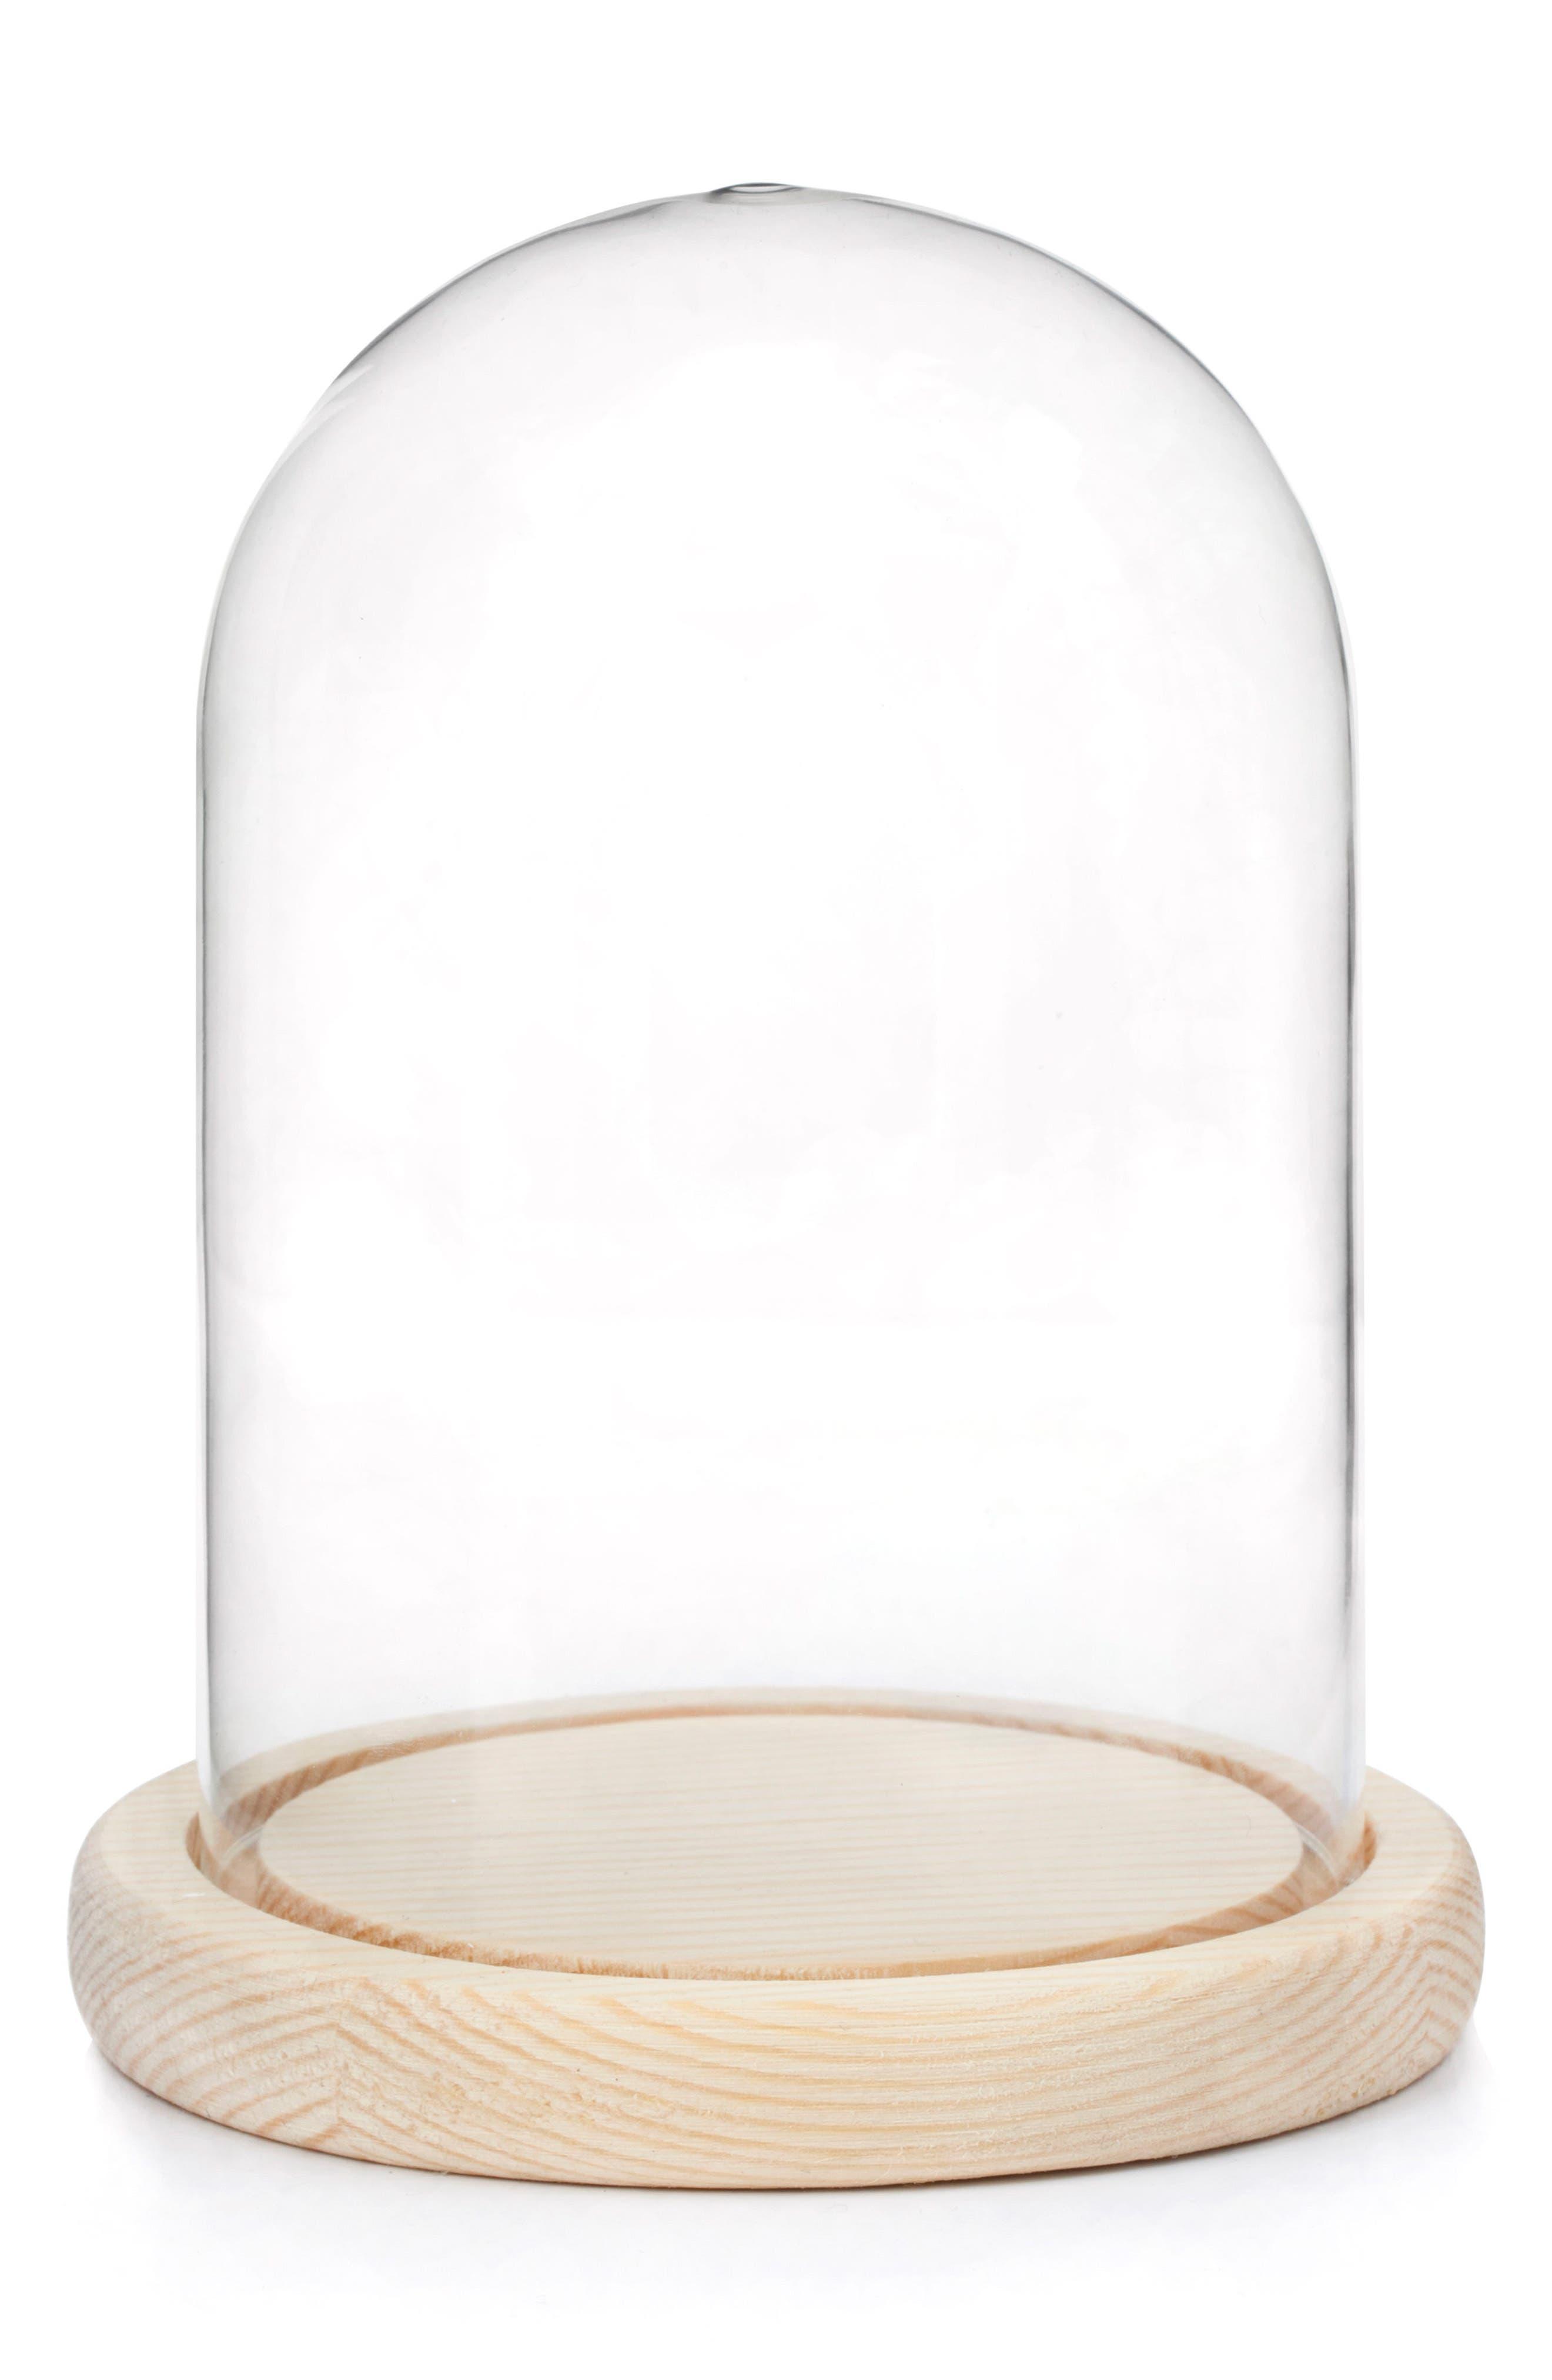 Kikkerland Design Bell Jar